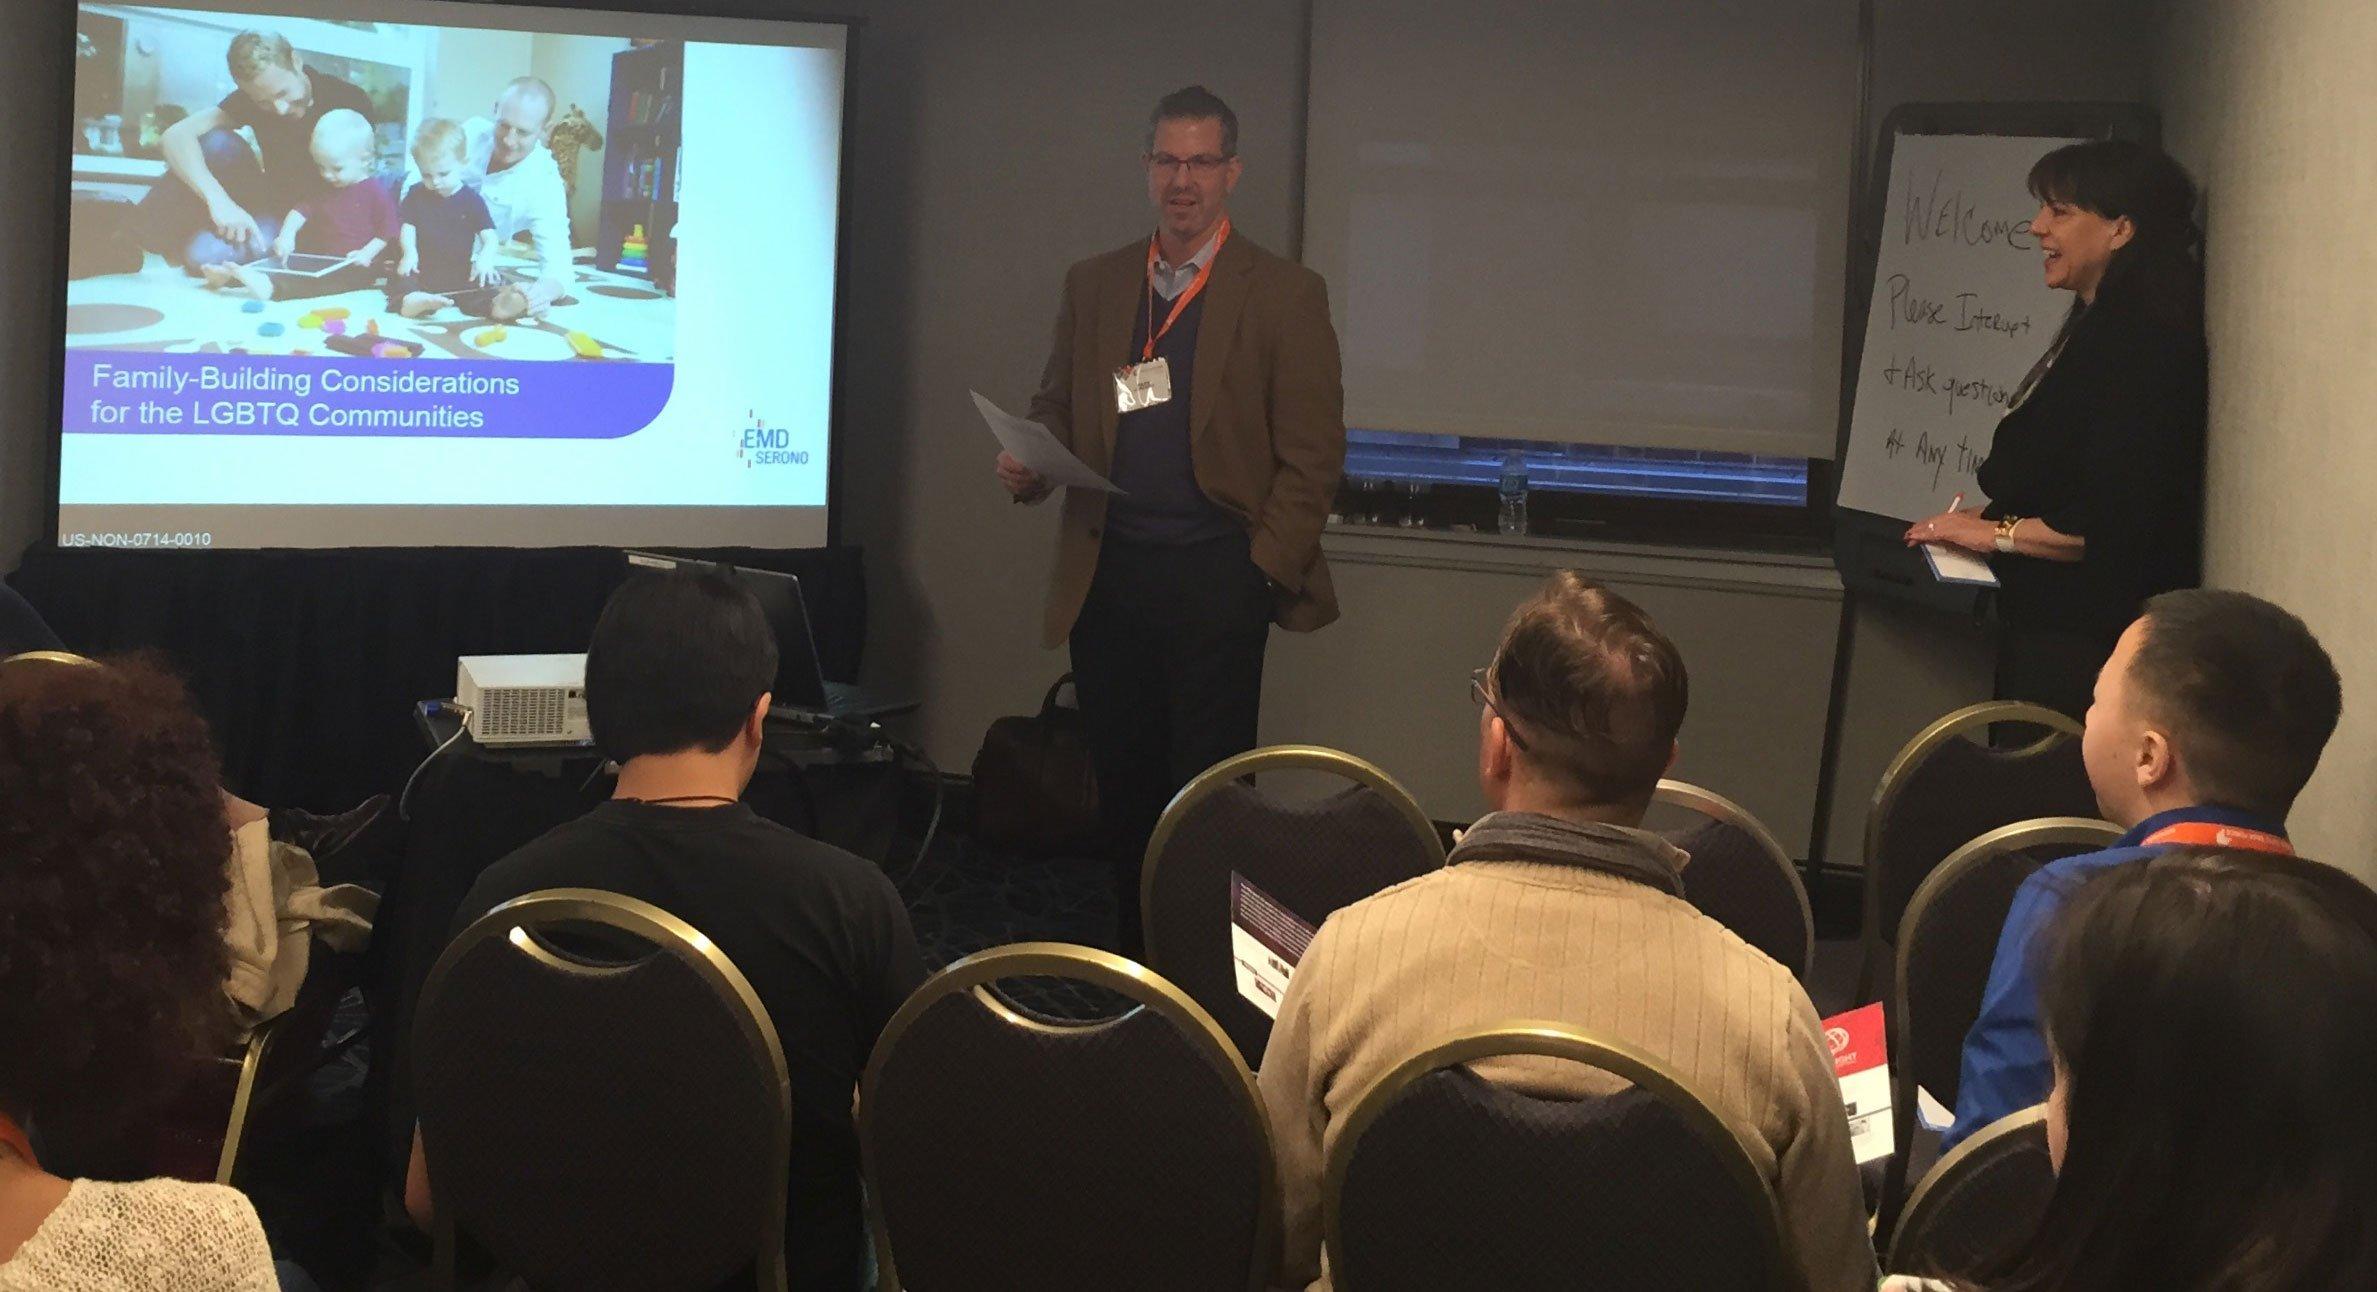 Dr. Mark Leondires Speaks at the Conference